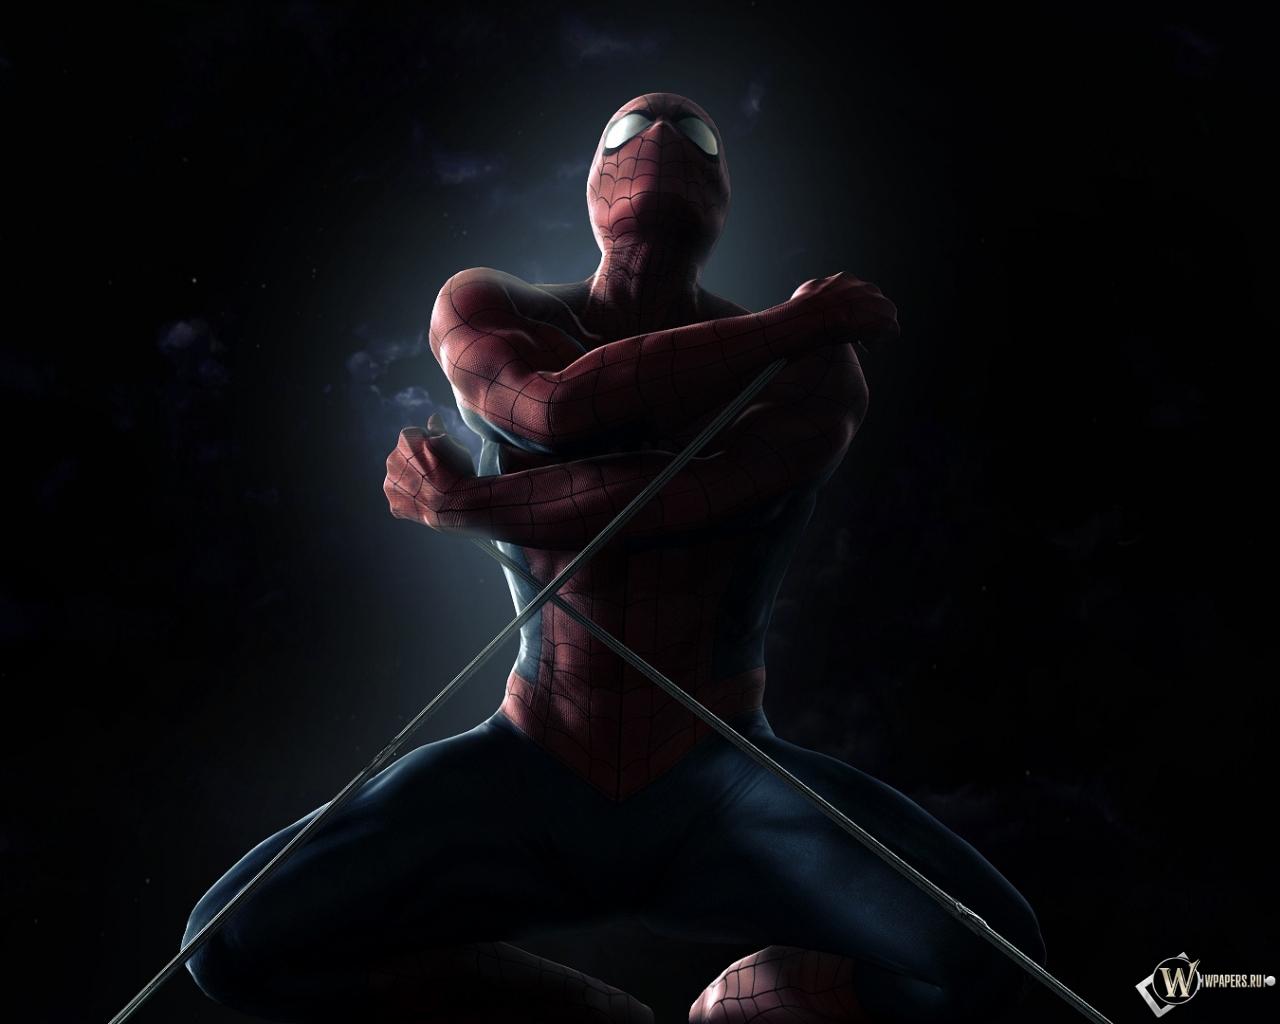 игру человек паук паутина теней на компьютер на русском